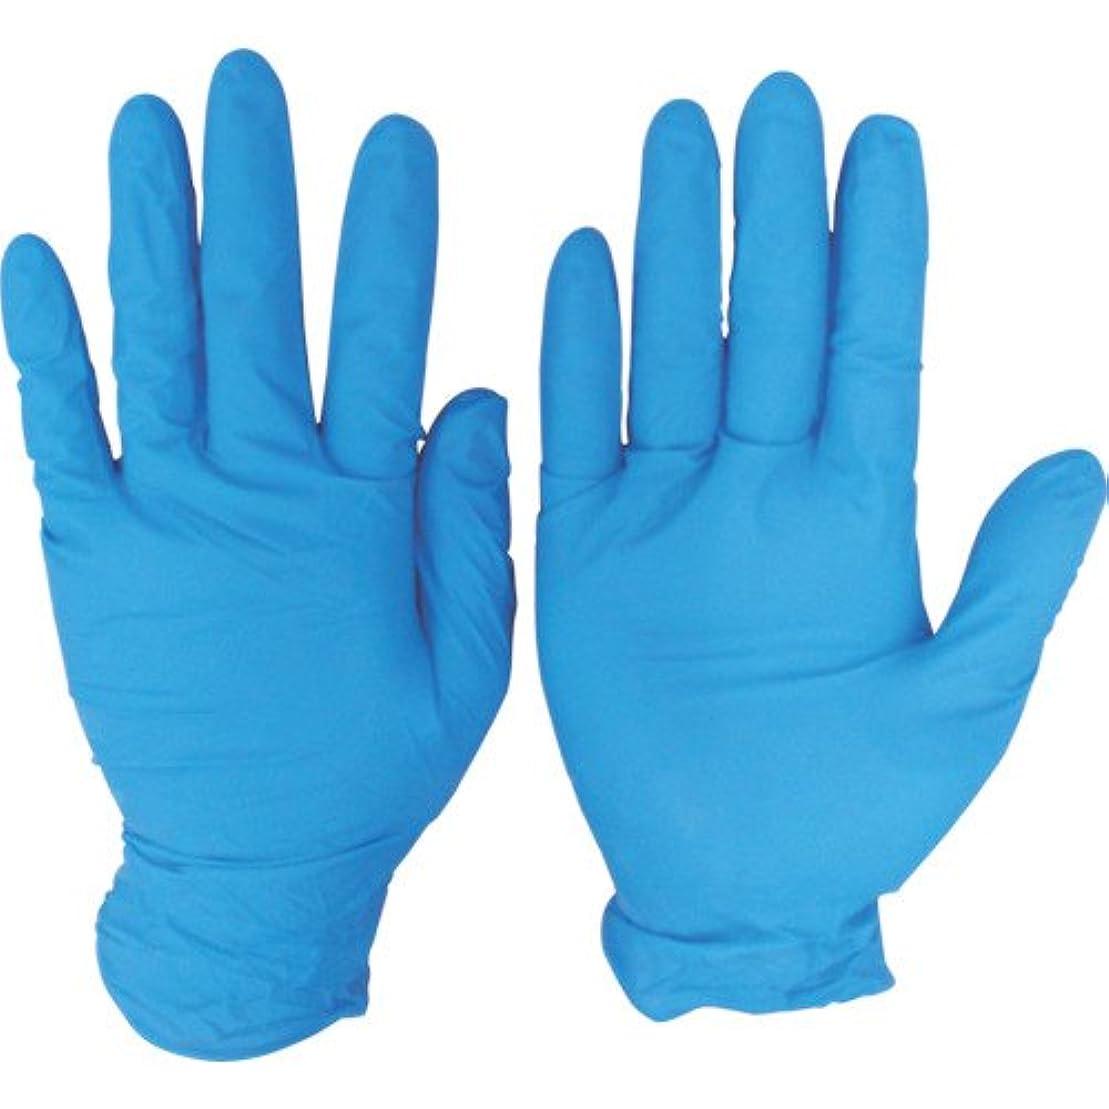 ワット教義わかりやすいシンガー ニトリルディスポグローブ(手袋) No.810 ブルー パウダーフリー(100枚) L